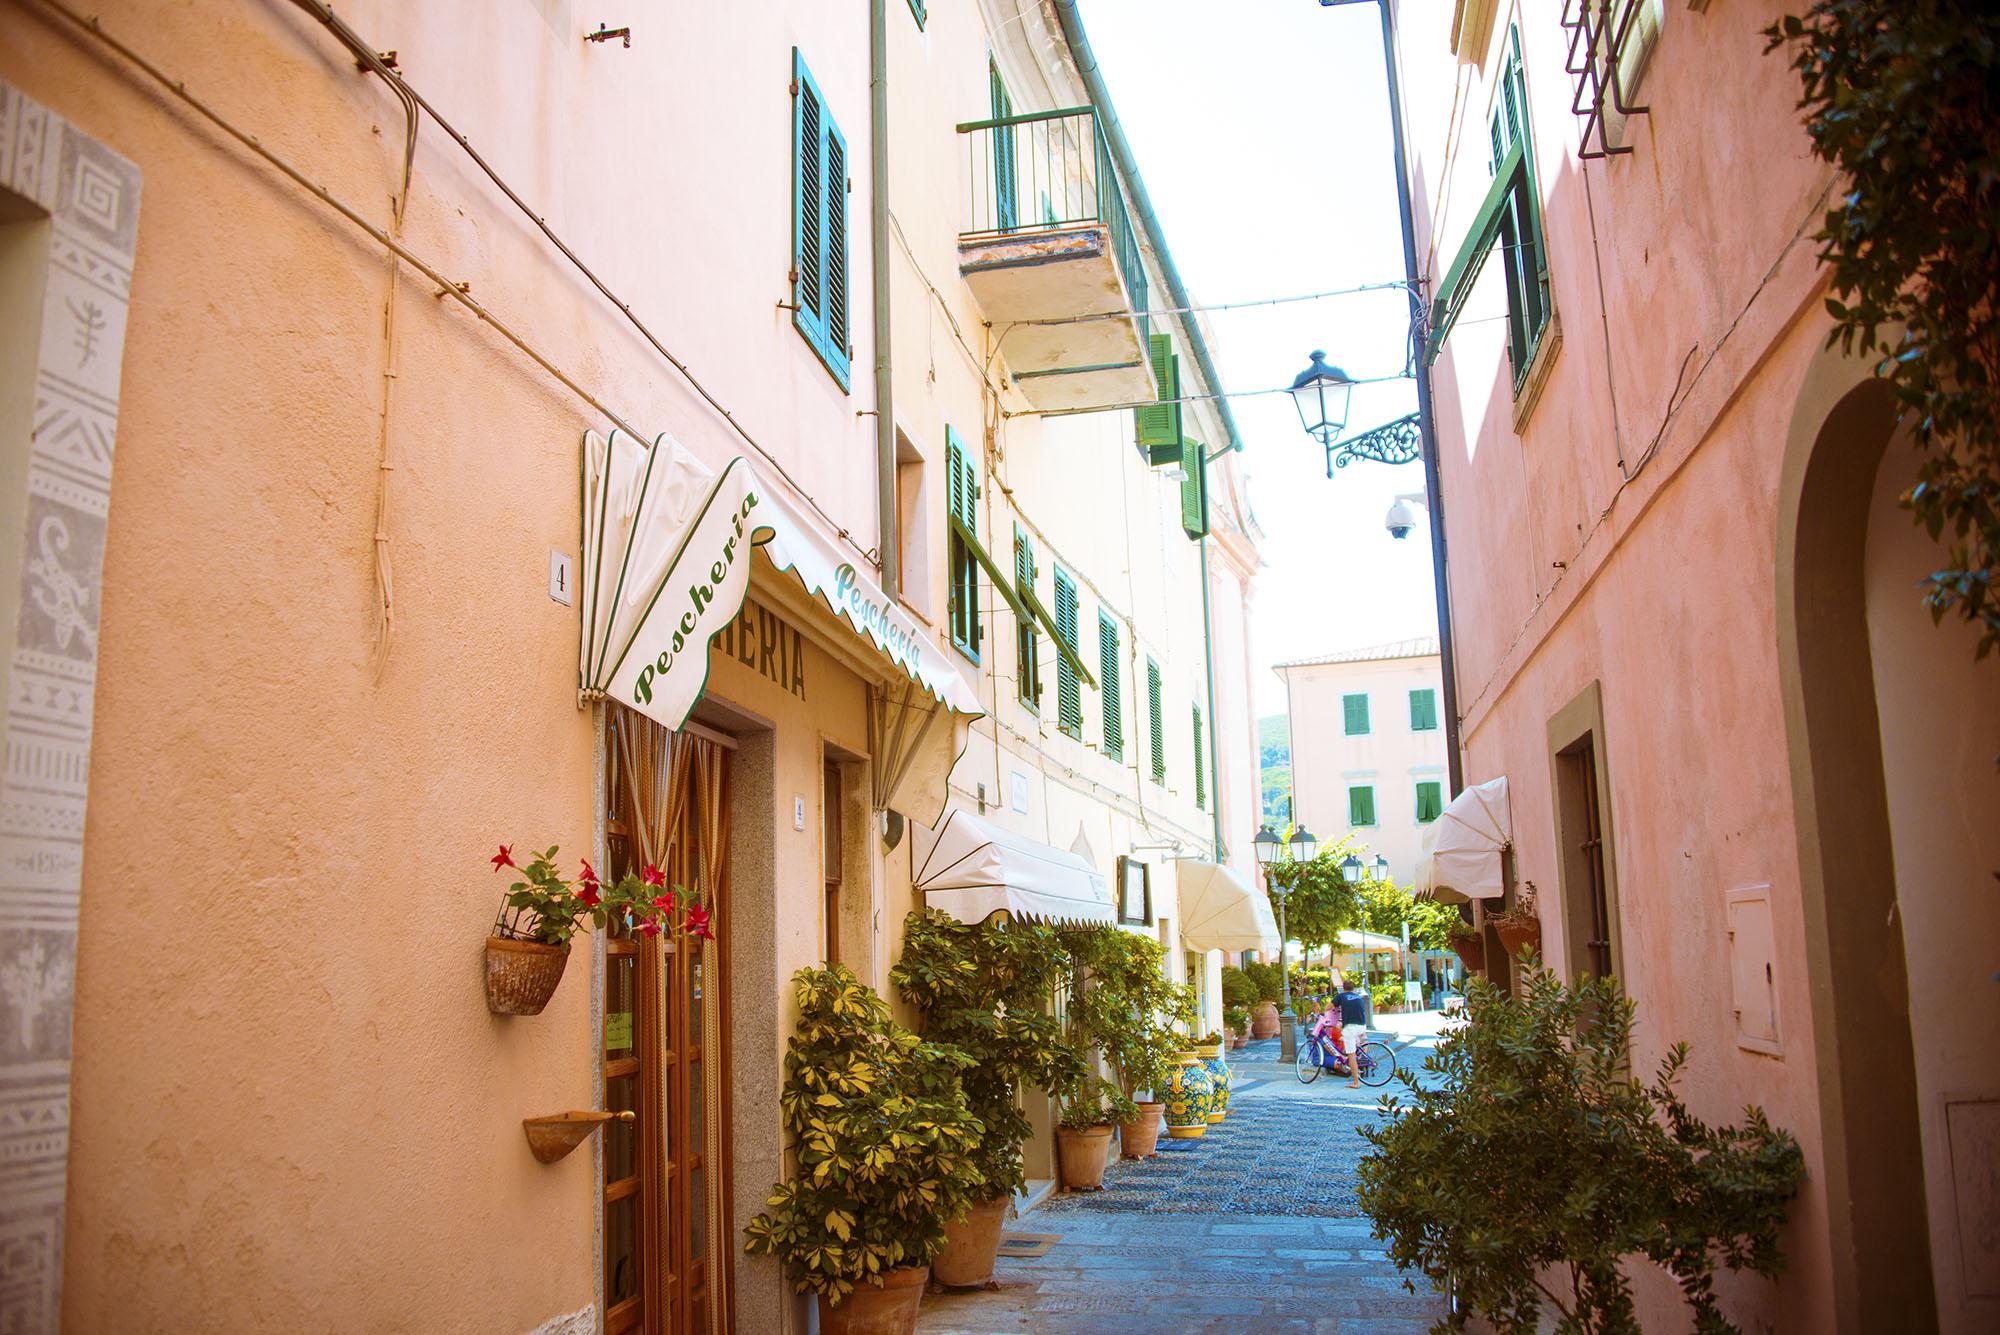 Vi har besökt lite olika små städer och kört på små, små vägar genom vackra typiskt italienska byar på ön. Den här bilden tog jag igår när vi var i Marciana Marina.